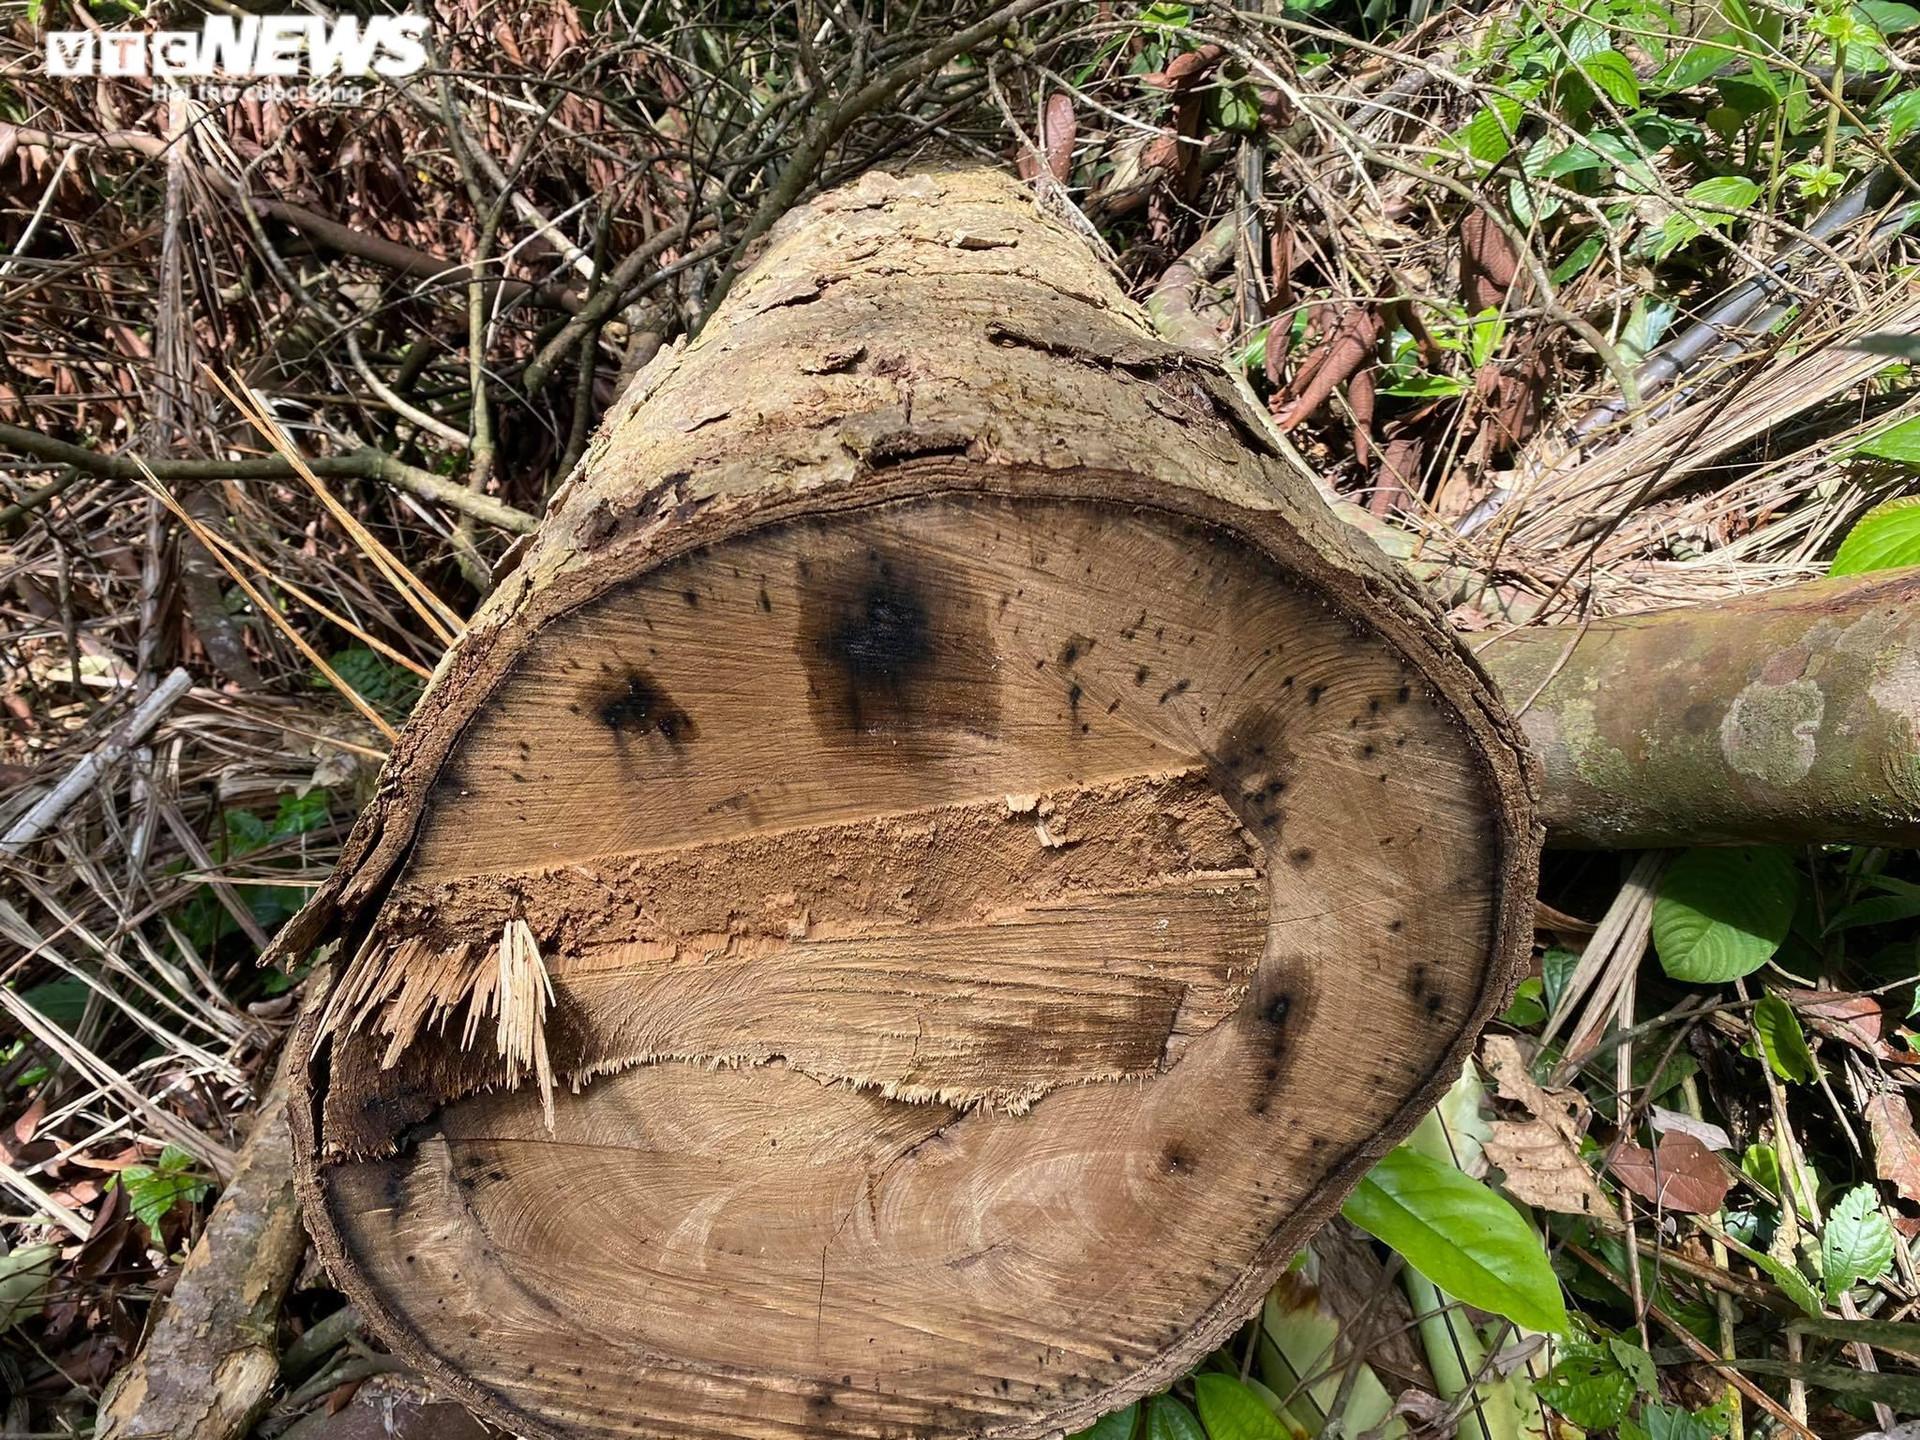 Rừng phòng hộ ở Thừa Thiên - Huế bị xẻ thịt: Lãnh đạo tỉnh chỉ đạo kiểm tra - 4